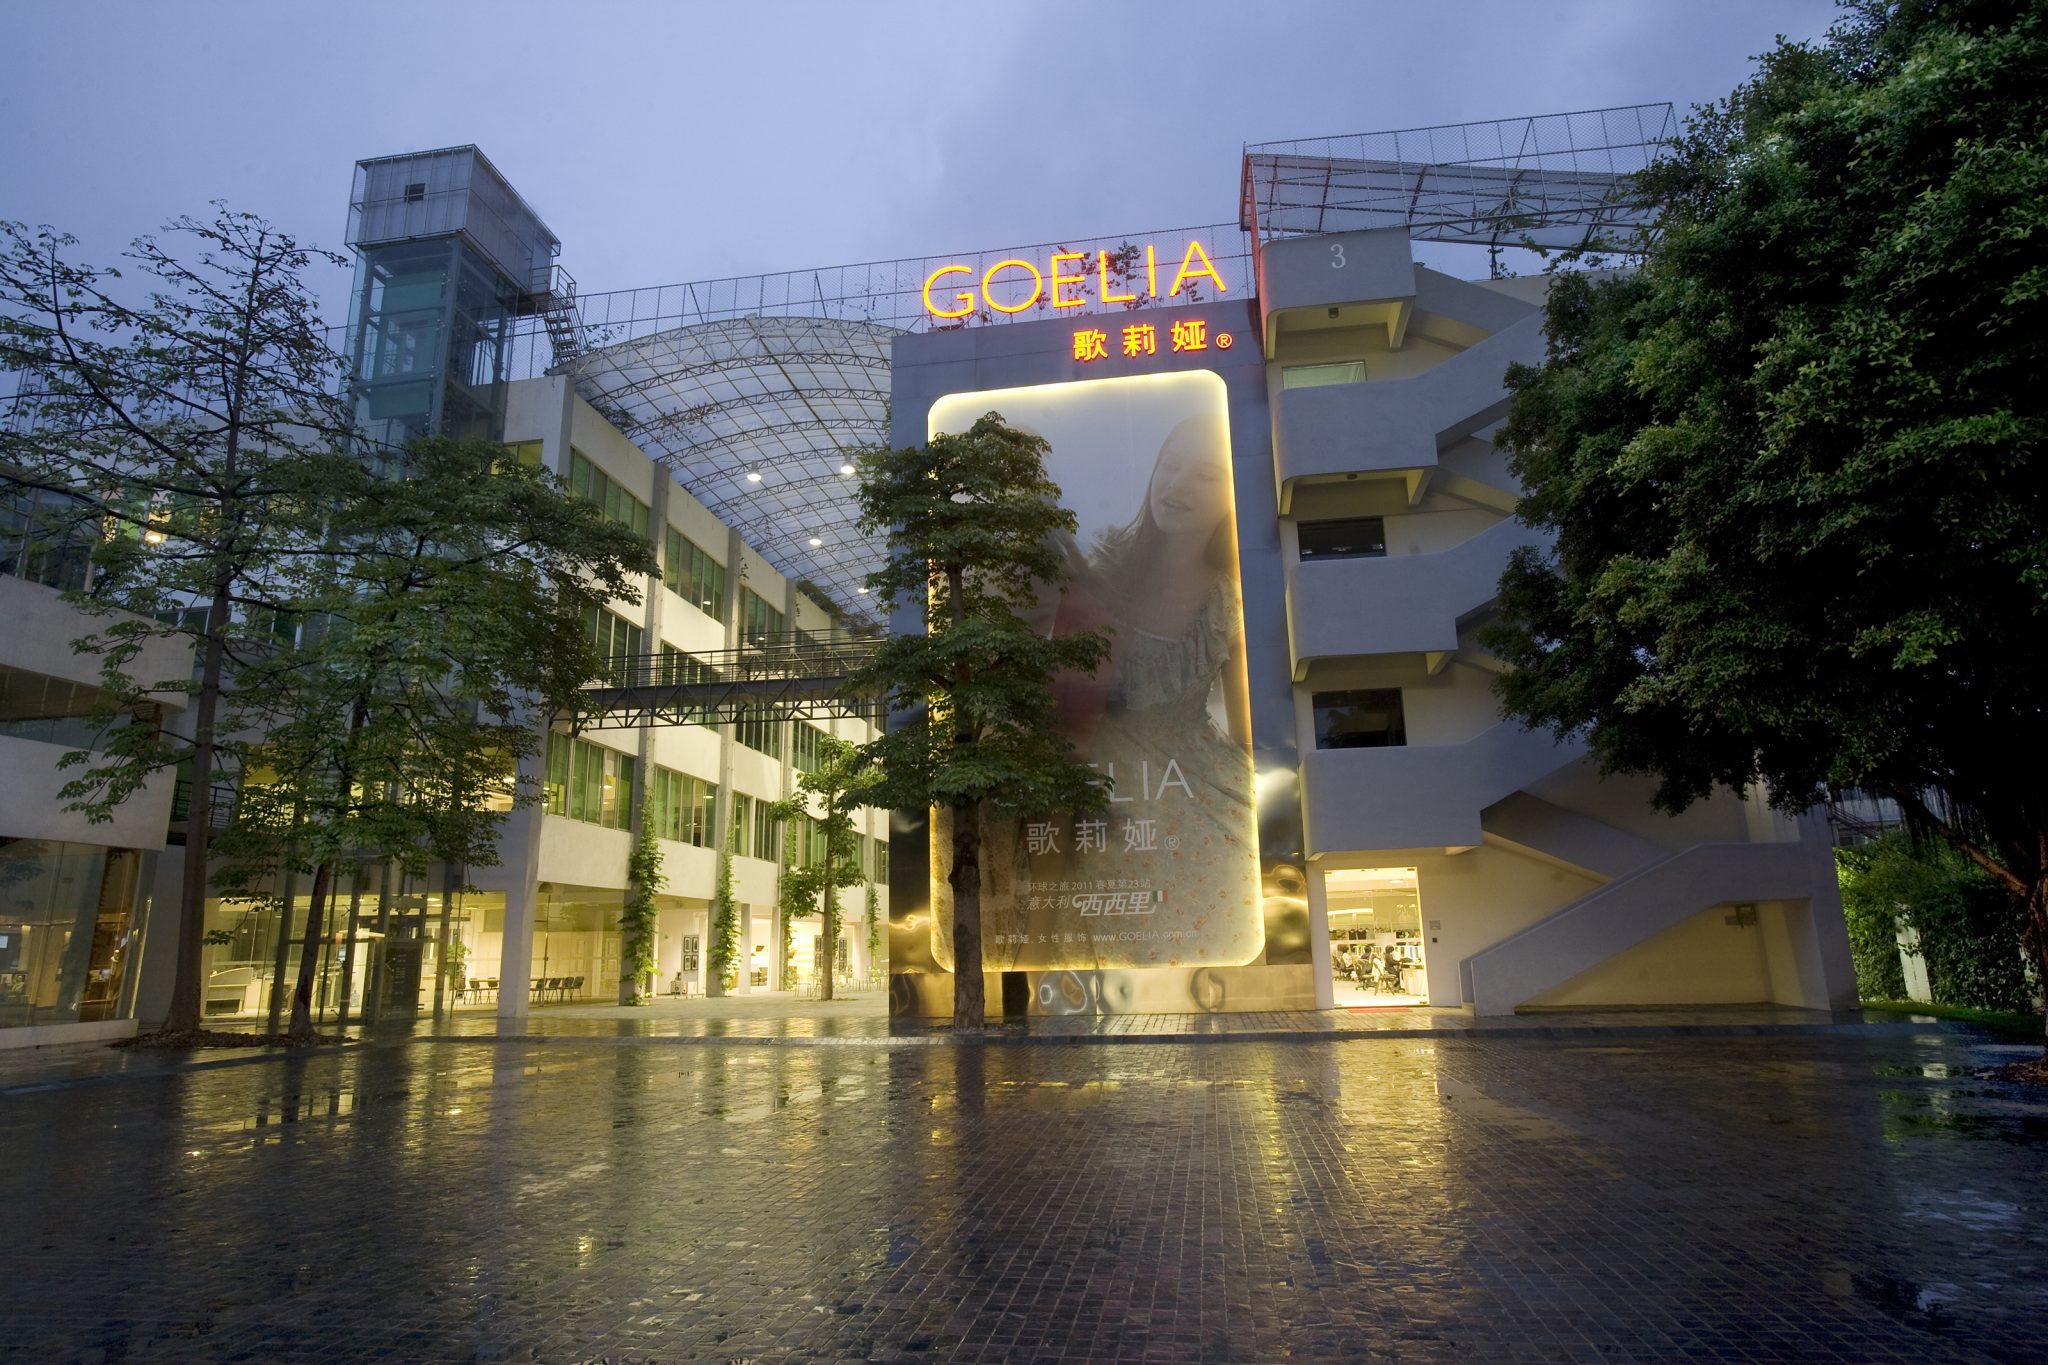 Goelia Headquarters